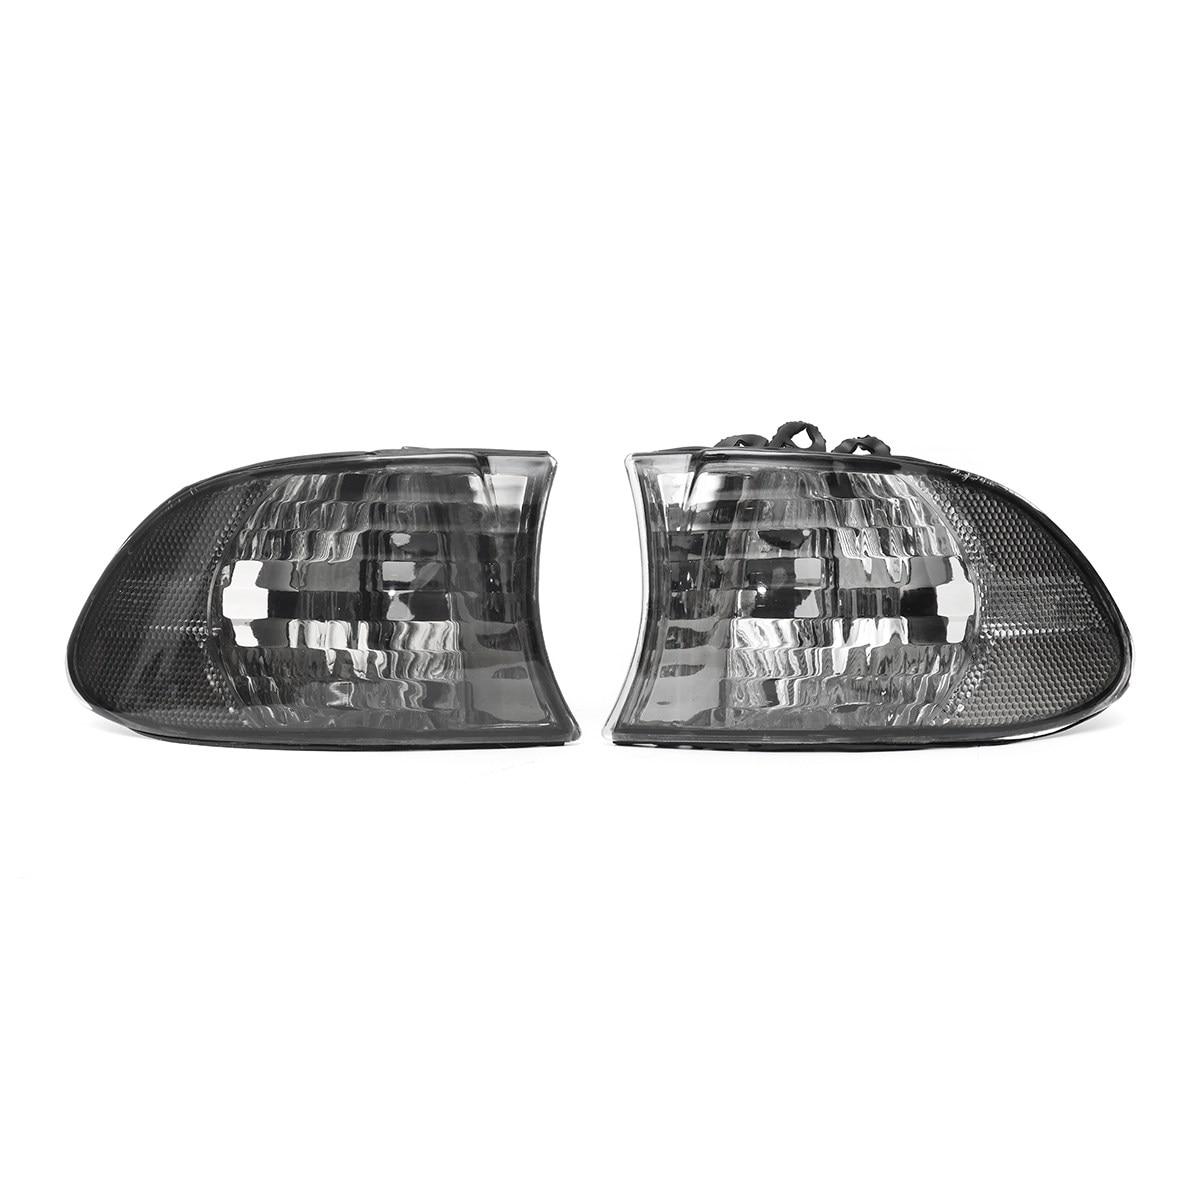 Pair Car Corner Light Left+Right Side Lamps For BMW 7 Series E38 1999 2000 2001 Smoke car light left